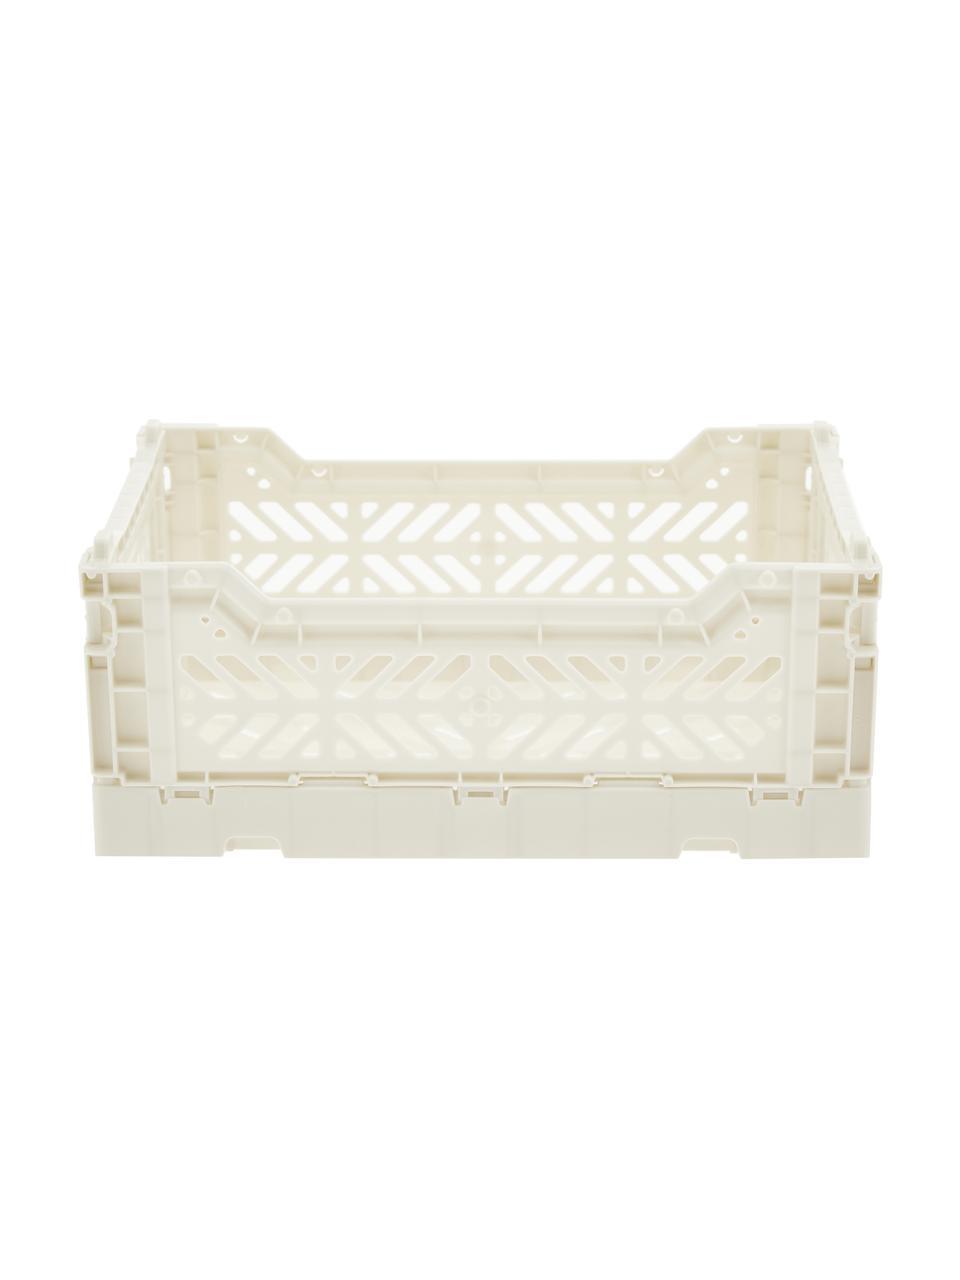 Cesto piccolo pieghevole e impilabile Coconut Milk, Materiale sintetico riciclato, Bianco latteo, Larg. 27 x Alt. 11 cm